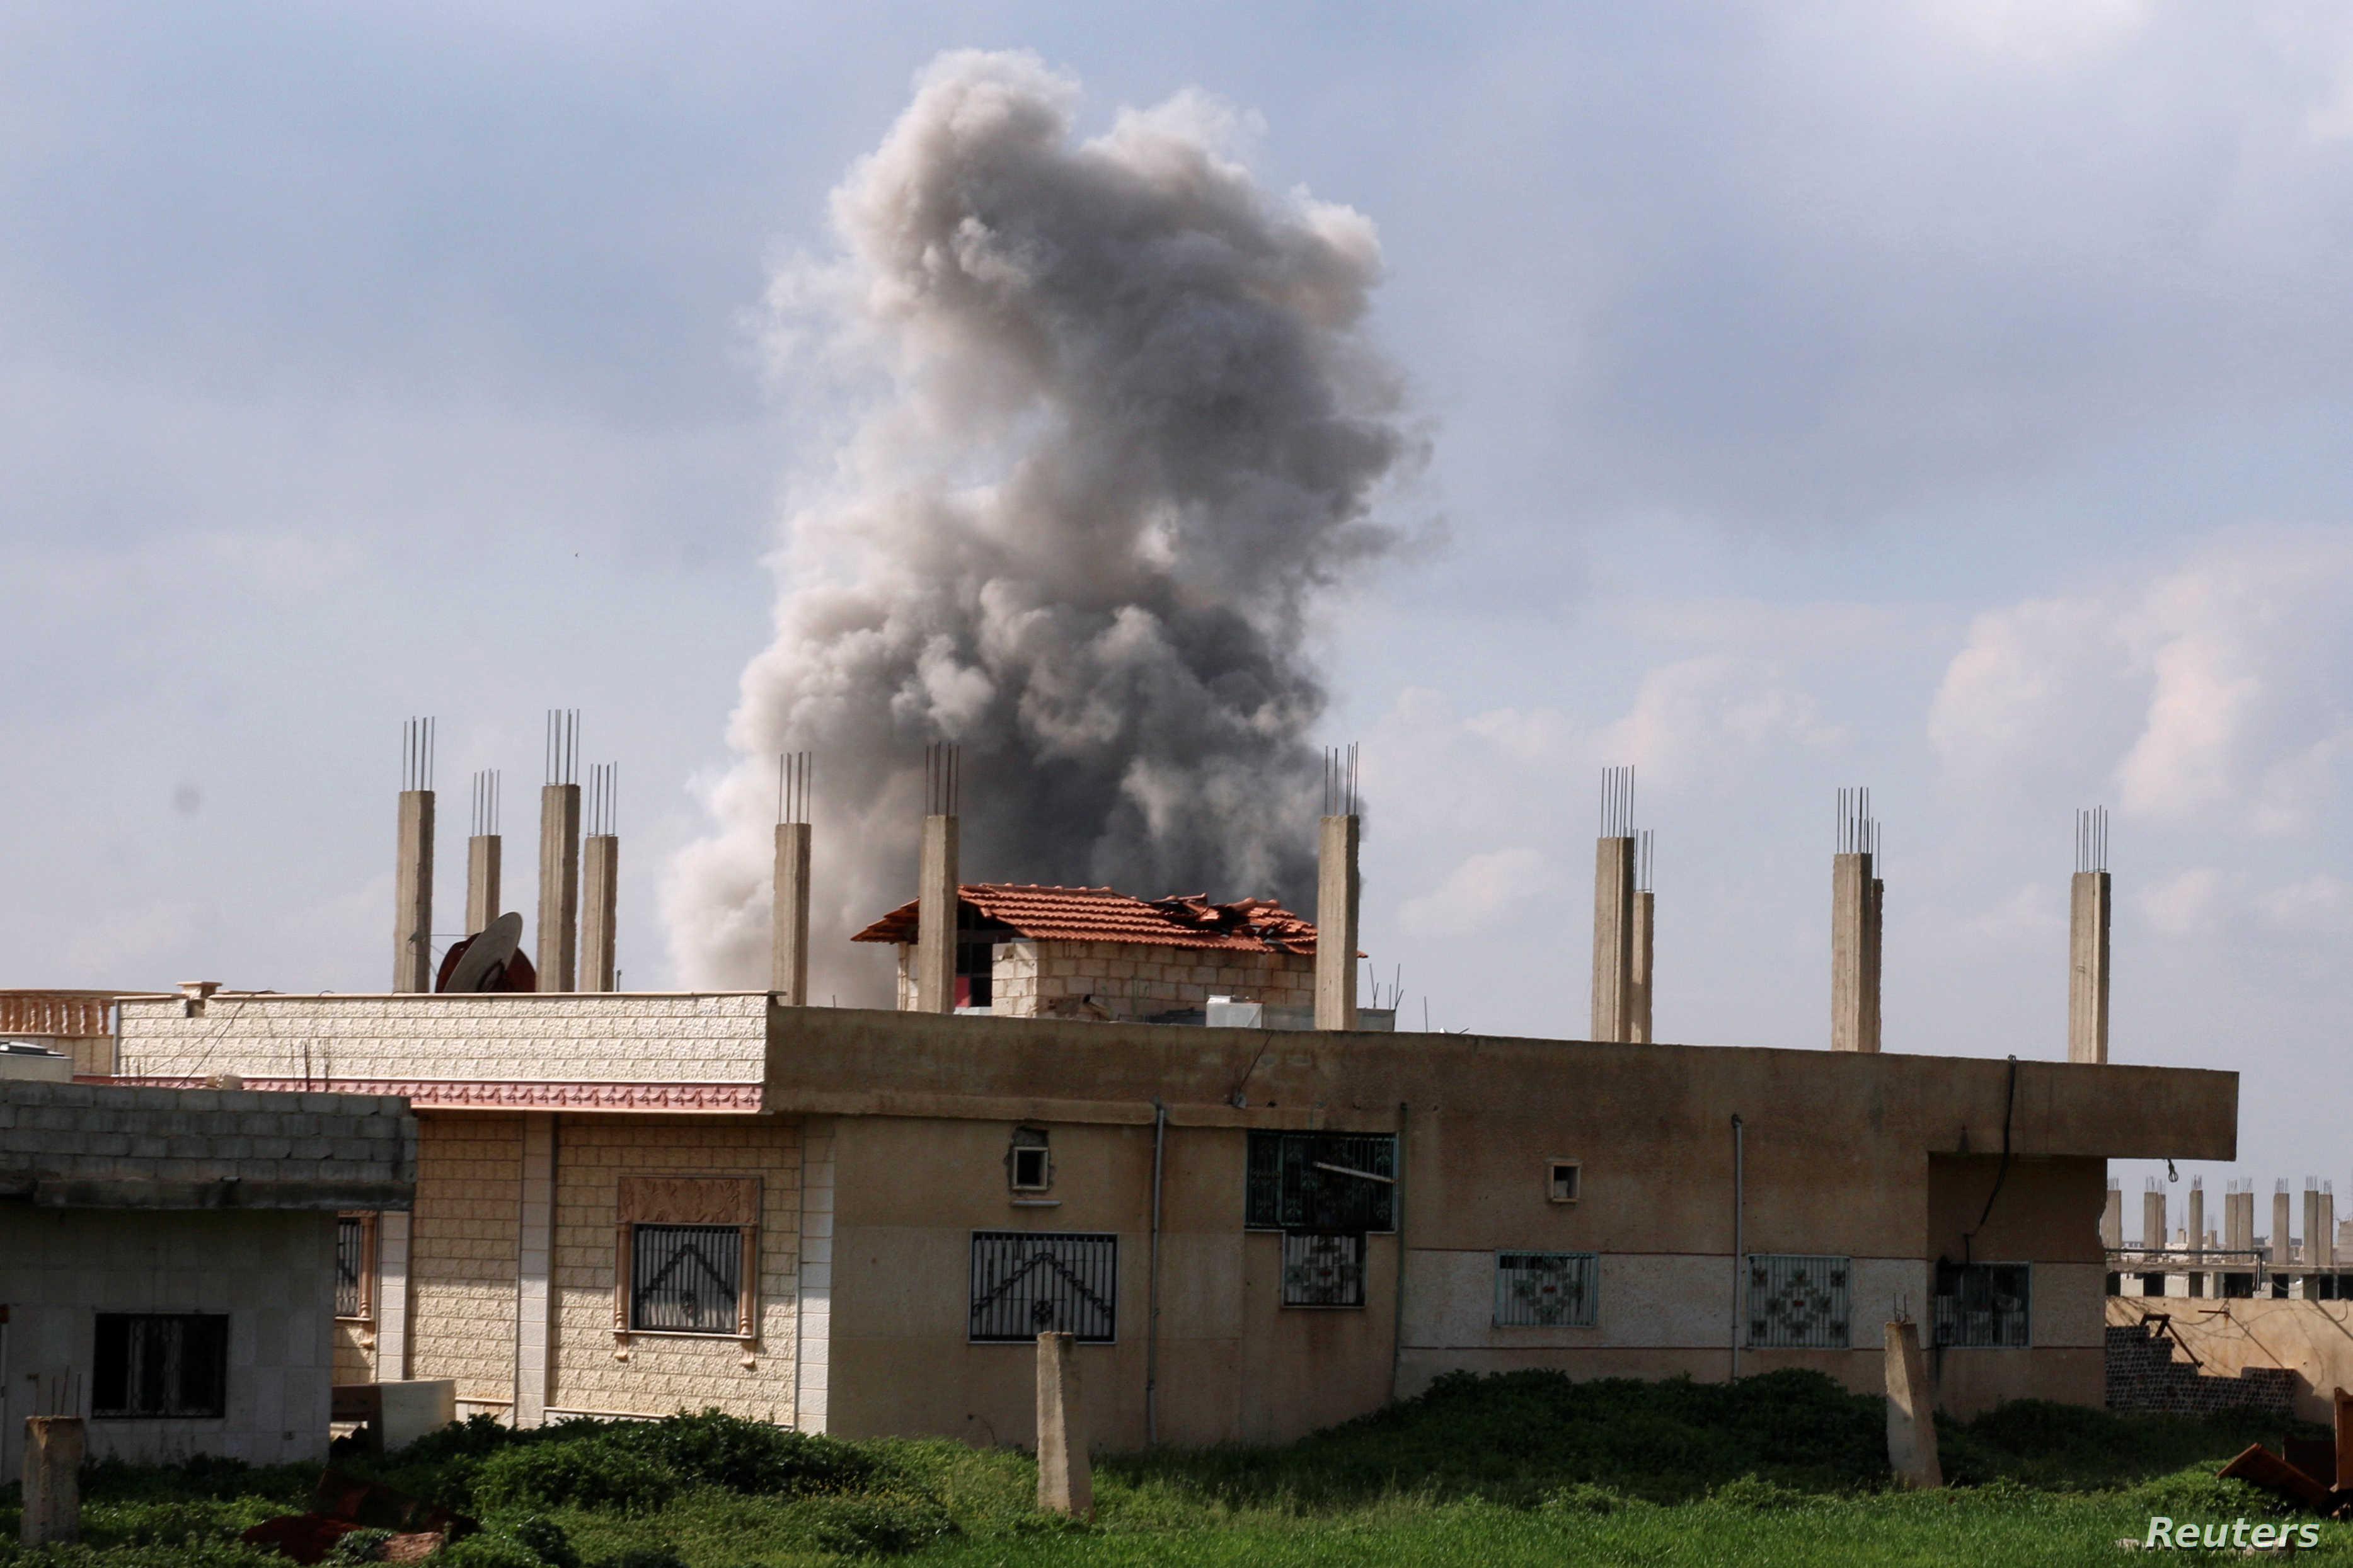 انتهاء جلسة جديدة من المفاوضات  بين لجان  درعا والنظام والأخير مستمر  بقصفه للأحياء